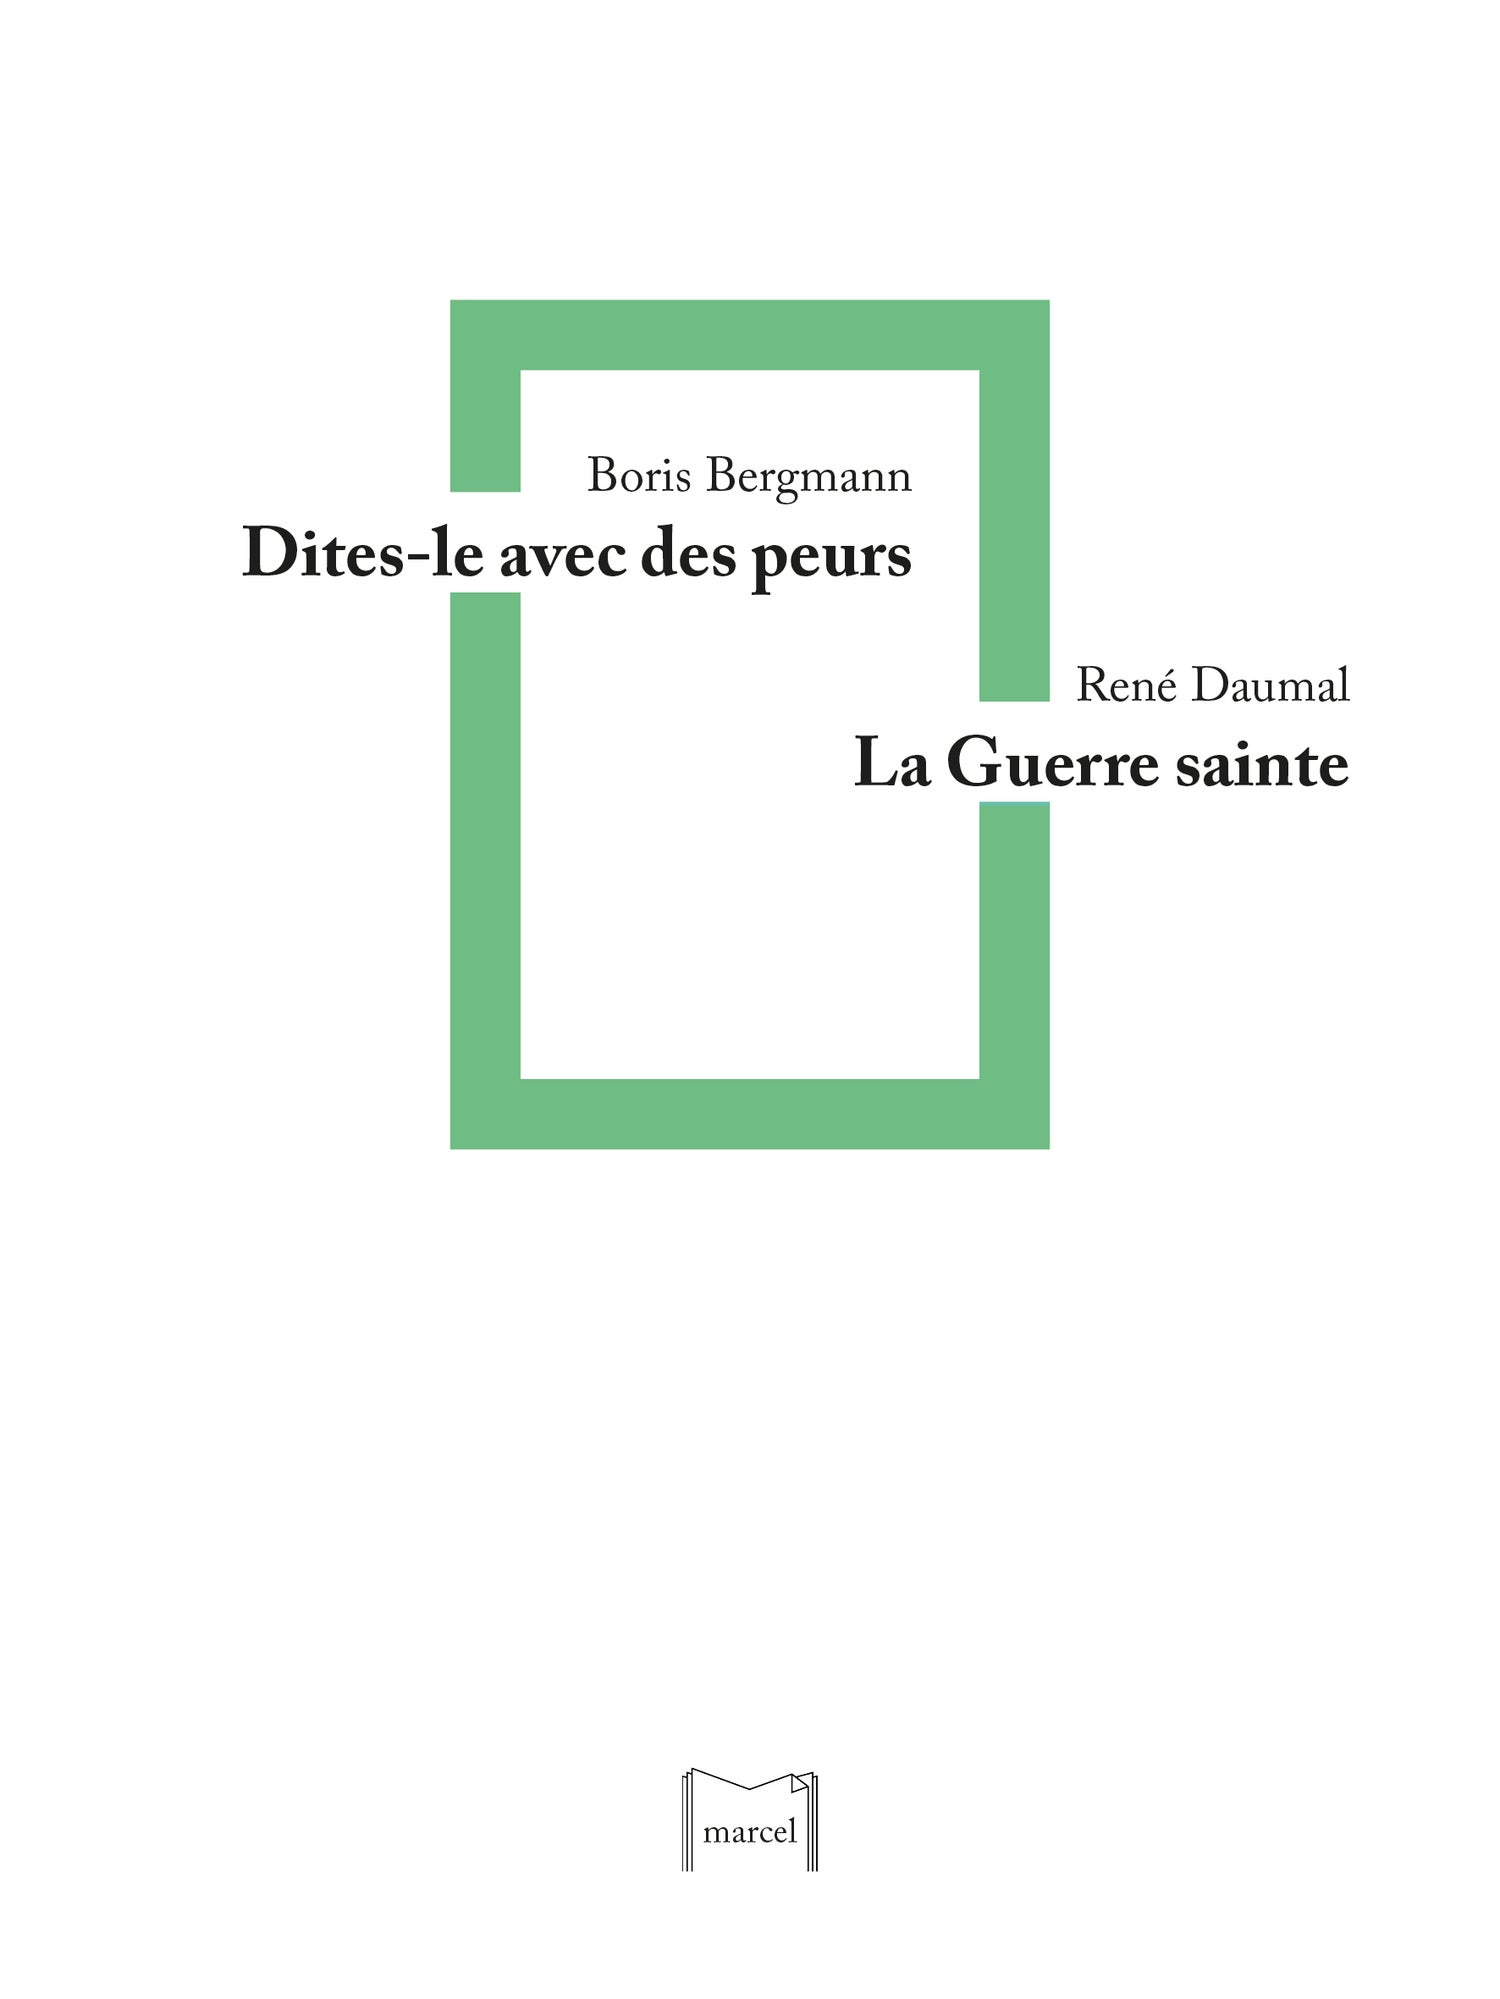 Image of Dites-le avec des peurs, Boris Bergmann / La Guerre sainte, René Daumal